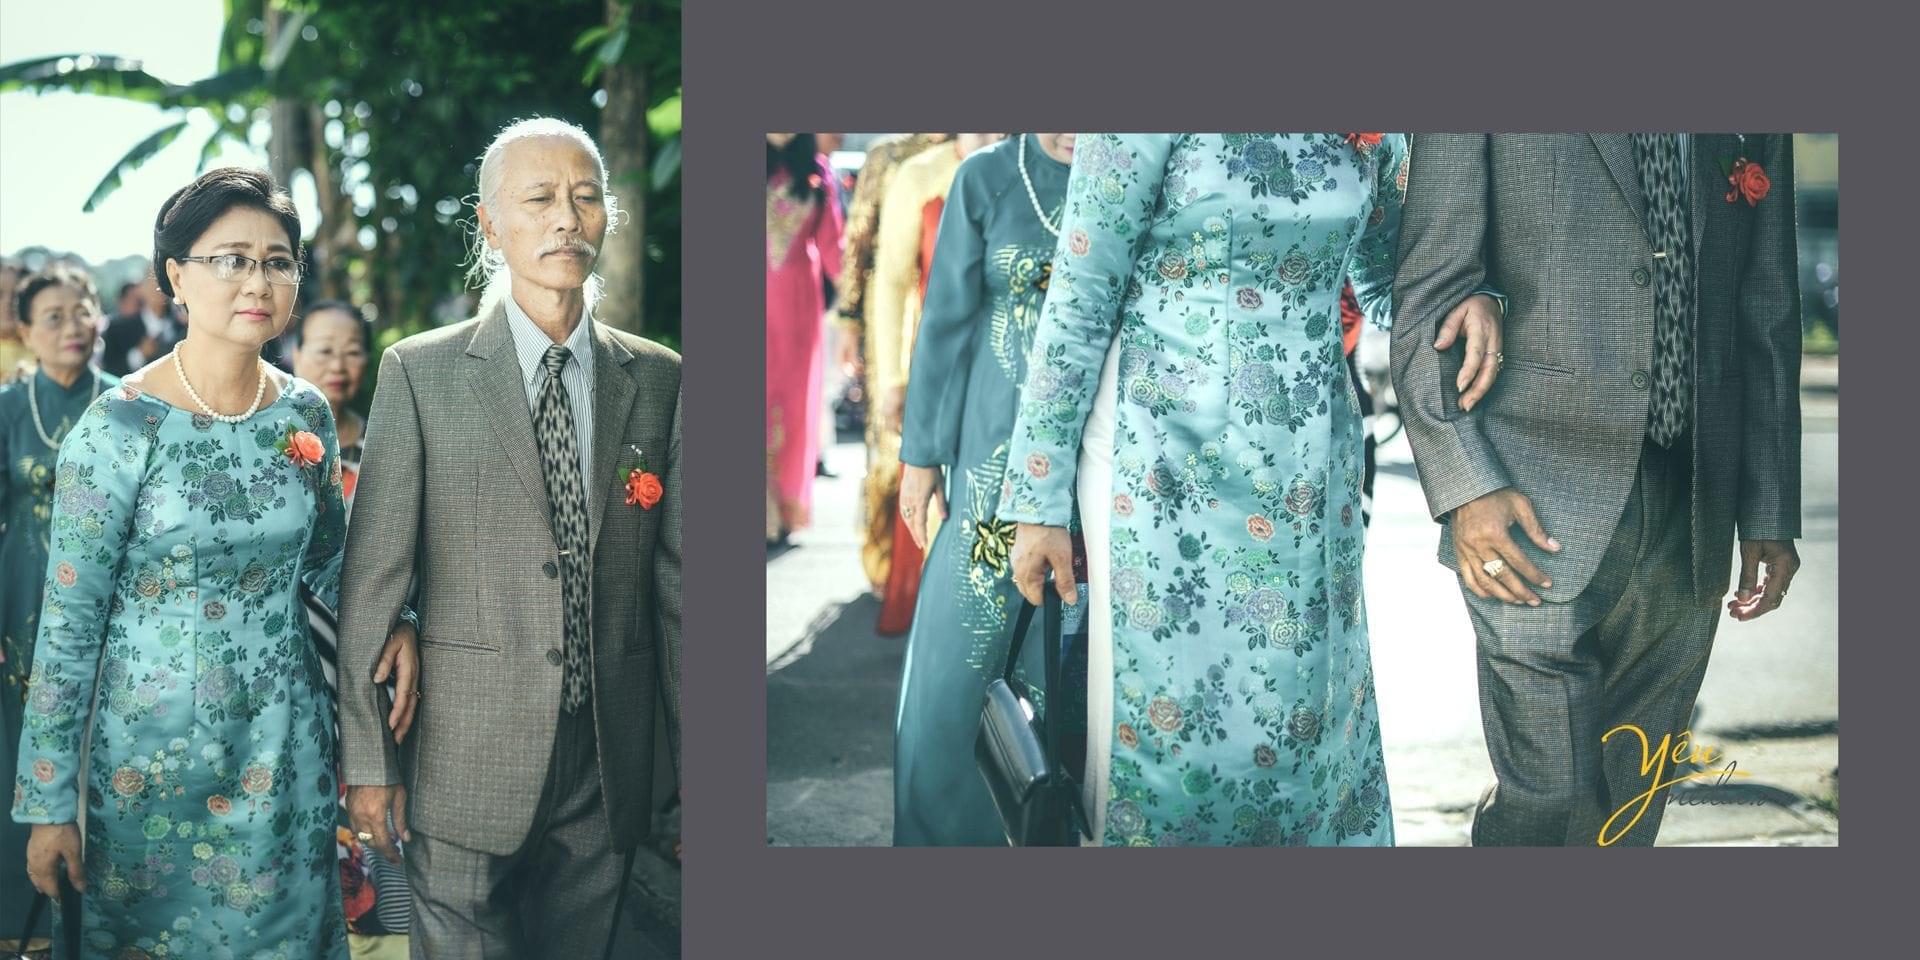 bố mẹ chú rể khoác tay nhau bước cùng đoàn đón dâu